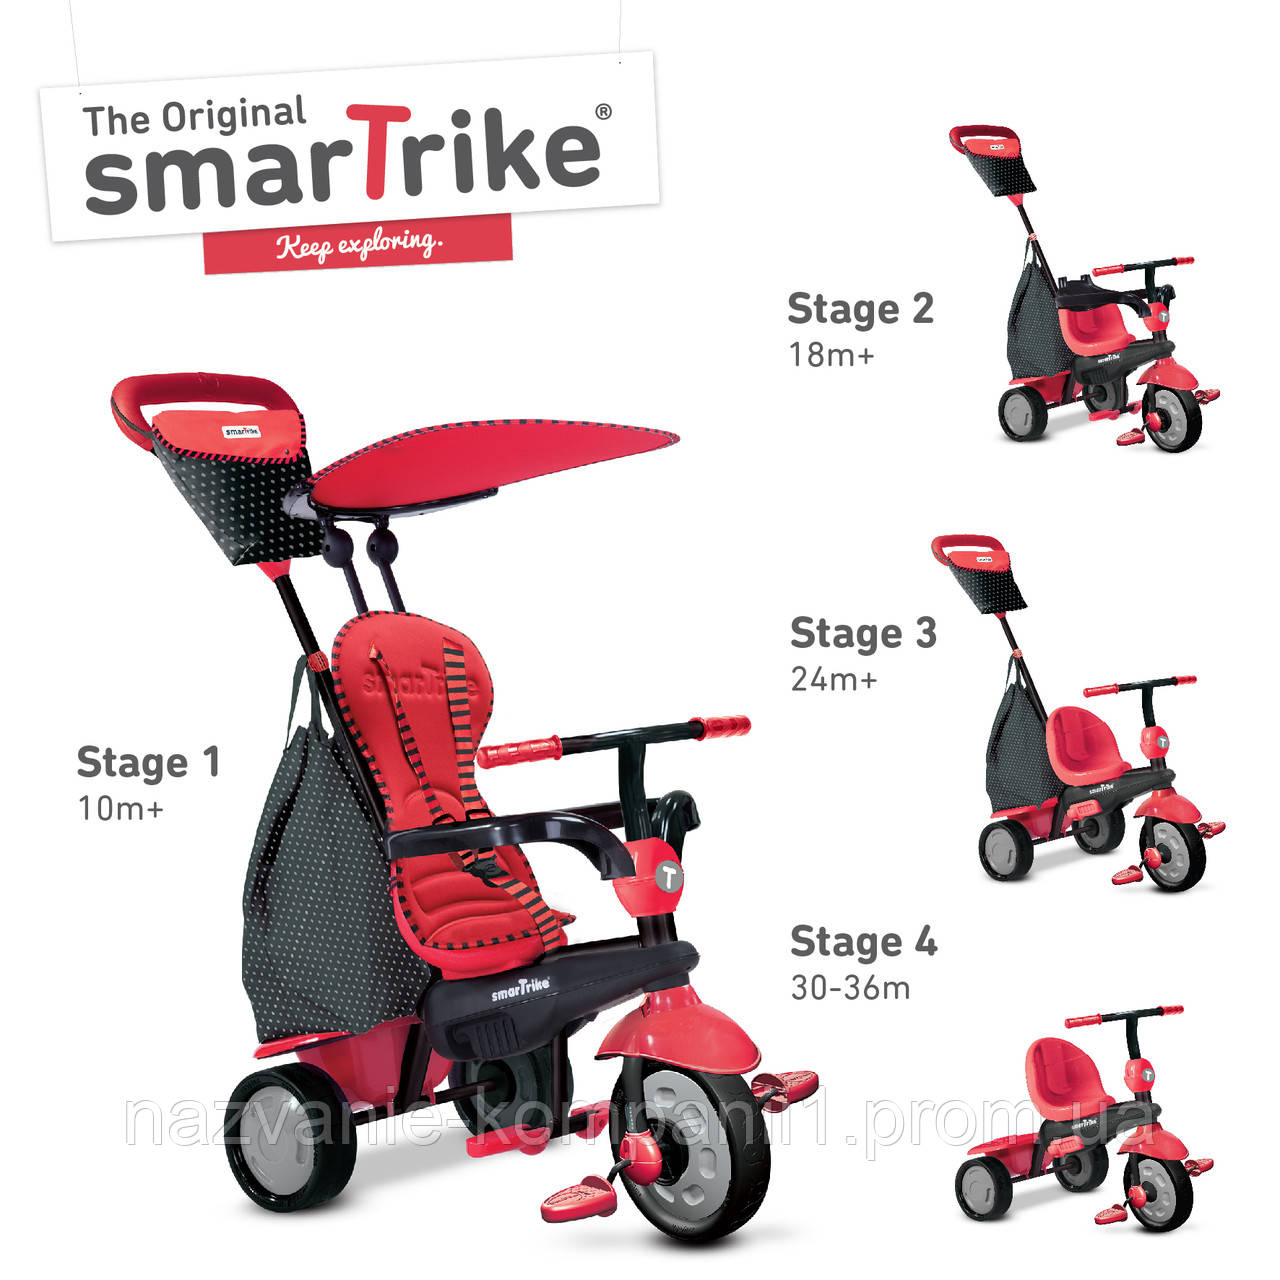 """Велосипед Smart Trike Glow 4 в 1 Red (6401500)  - Интернет магазин """"Радуга.toys"""" товары для детей в Киеве"""